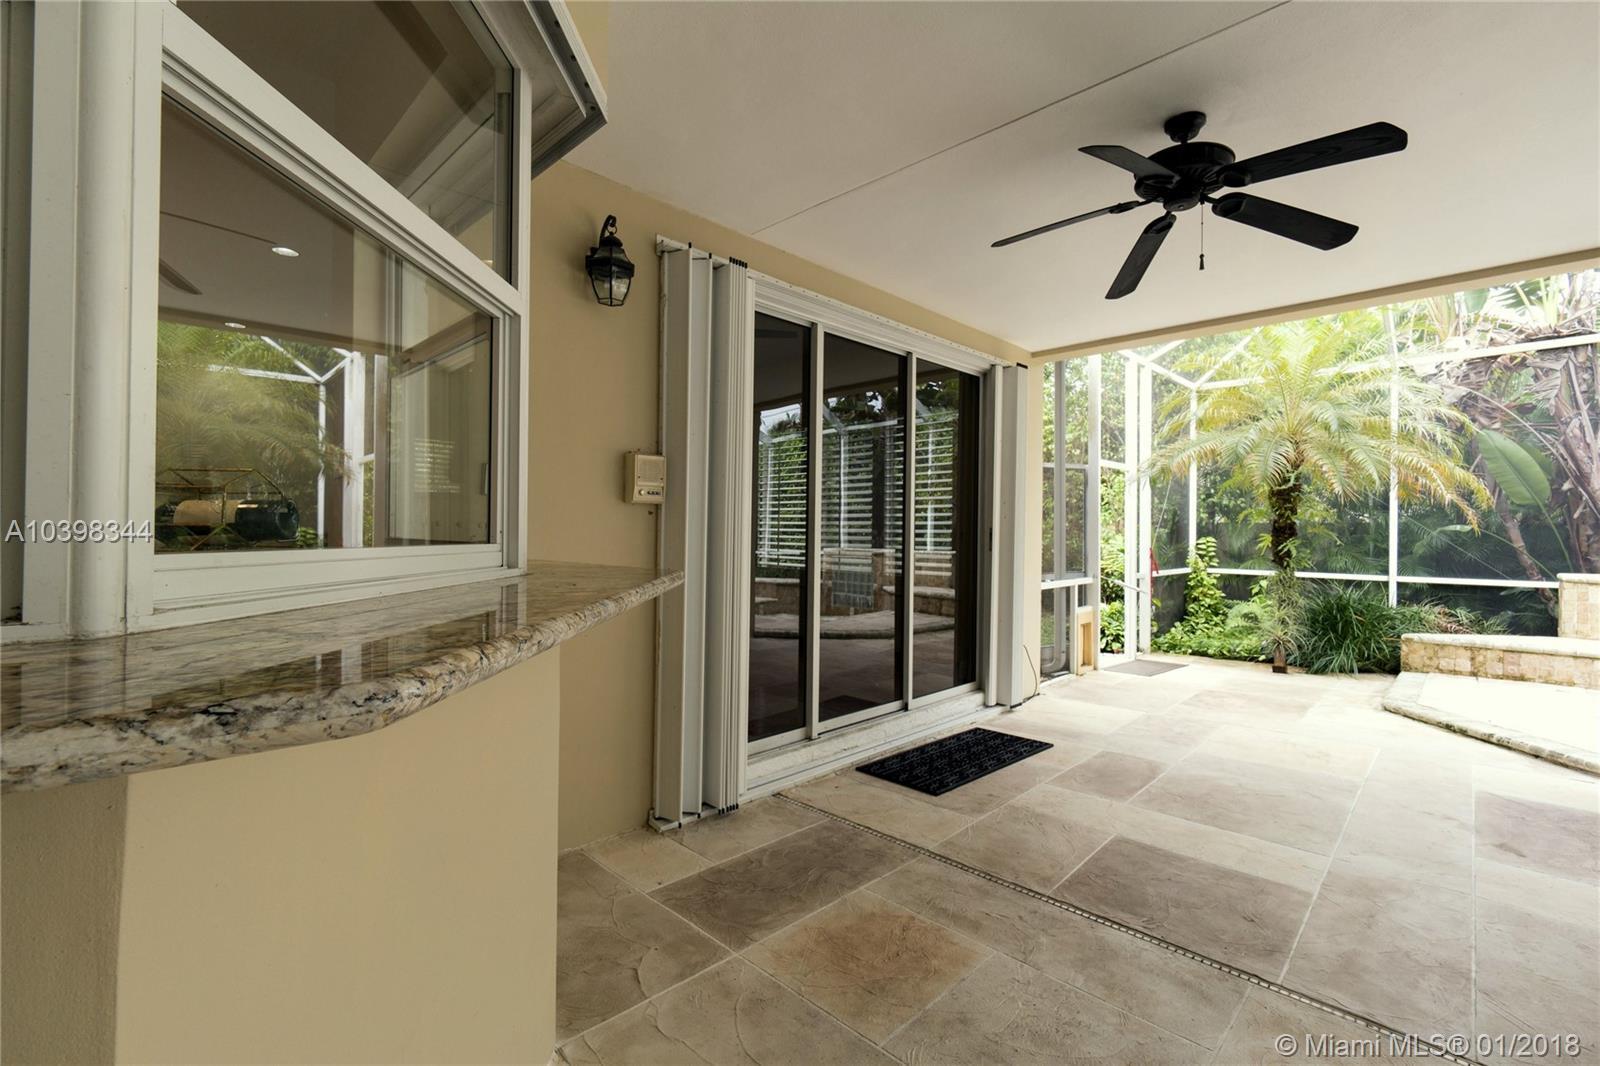 13851 Sw 67 Ct, Palmetto Bay FL, 33158